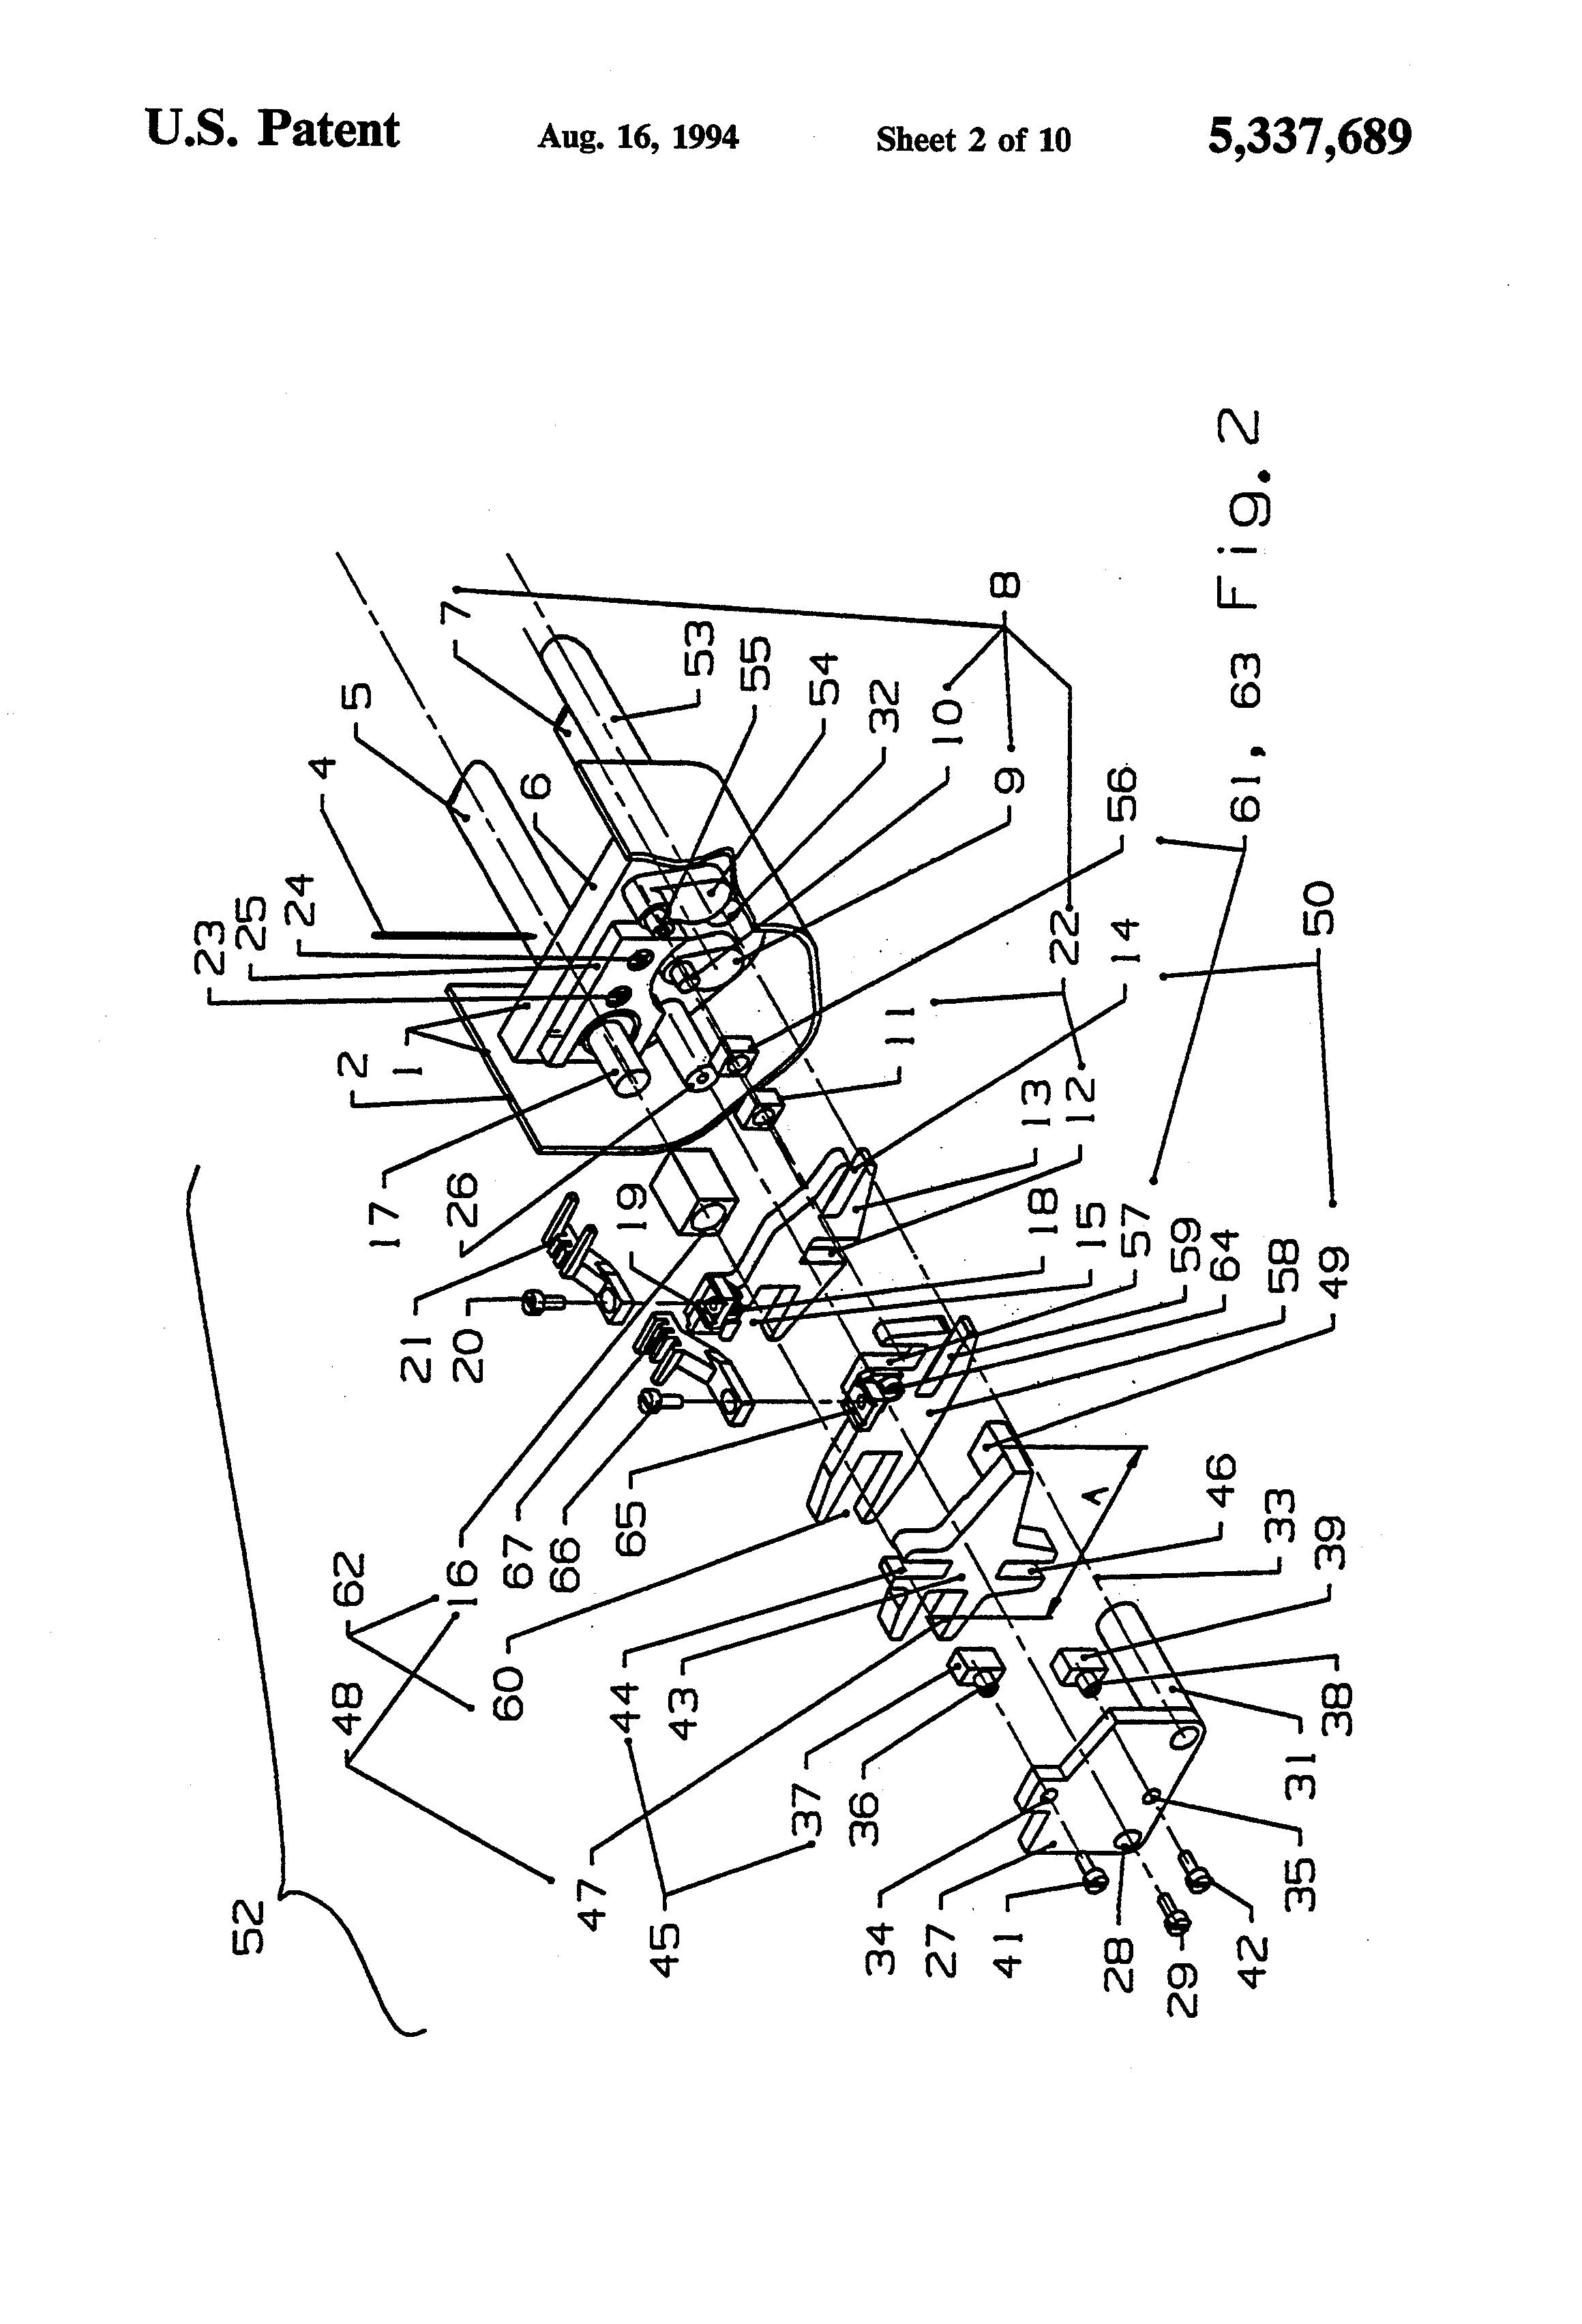 Charming craftsman mower wiring diagram 247 288820 photos